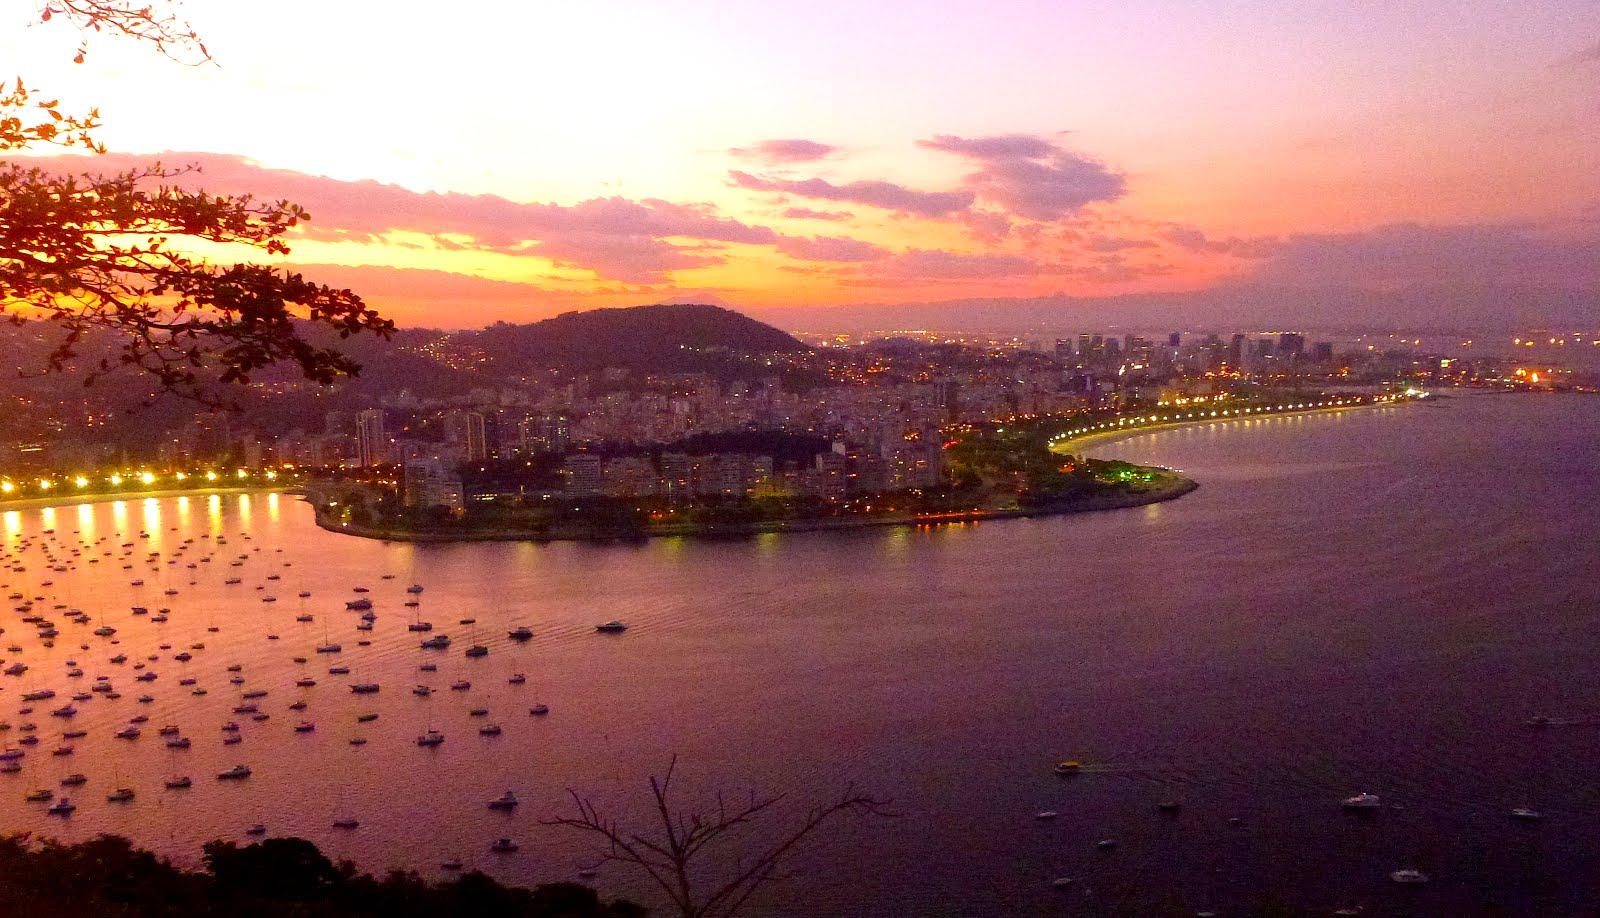 Un coucher de soleil sur Rio